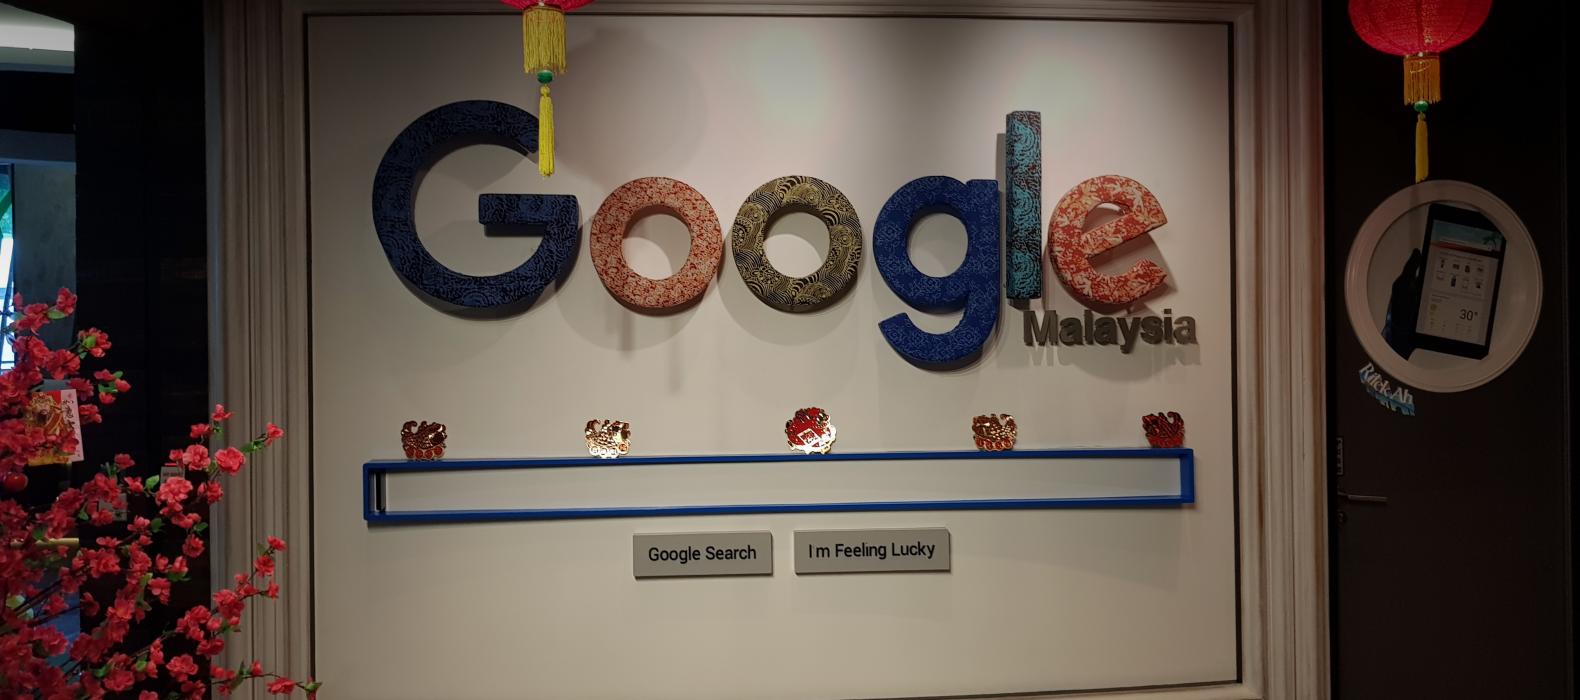 """6 ٪ ضريبة على منتجات """"جوجل"""" في ماليزيا بدءًا من يناير"""